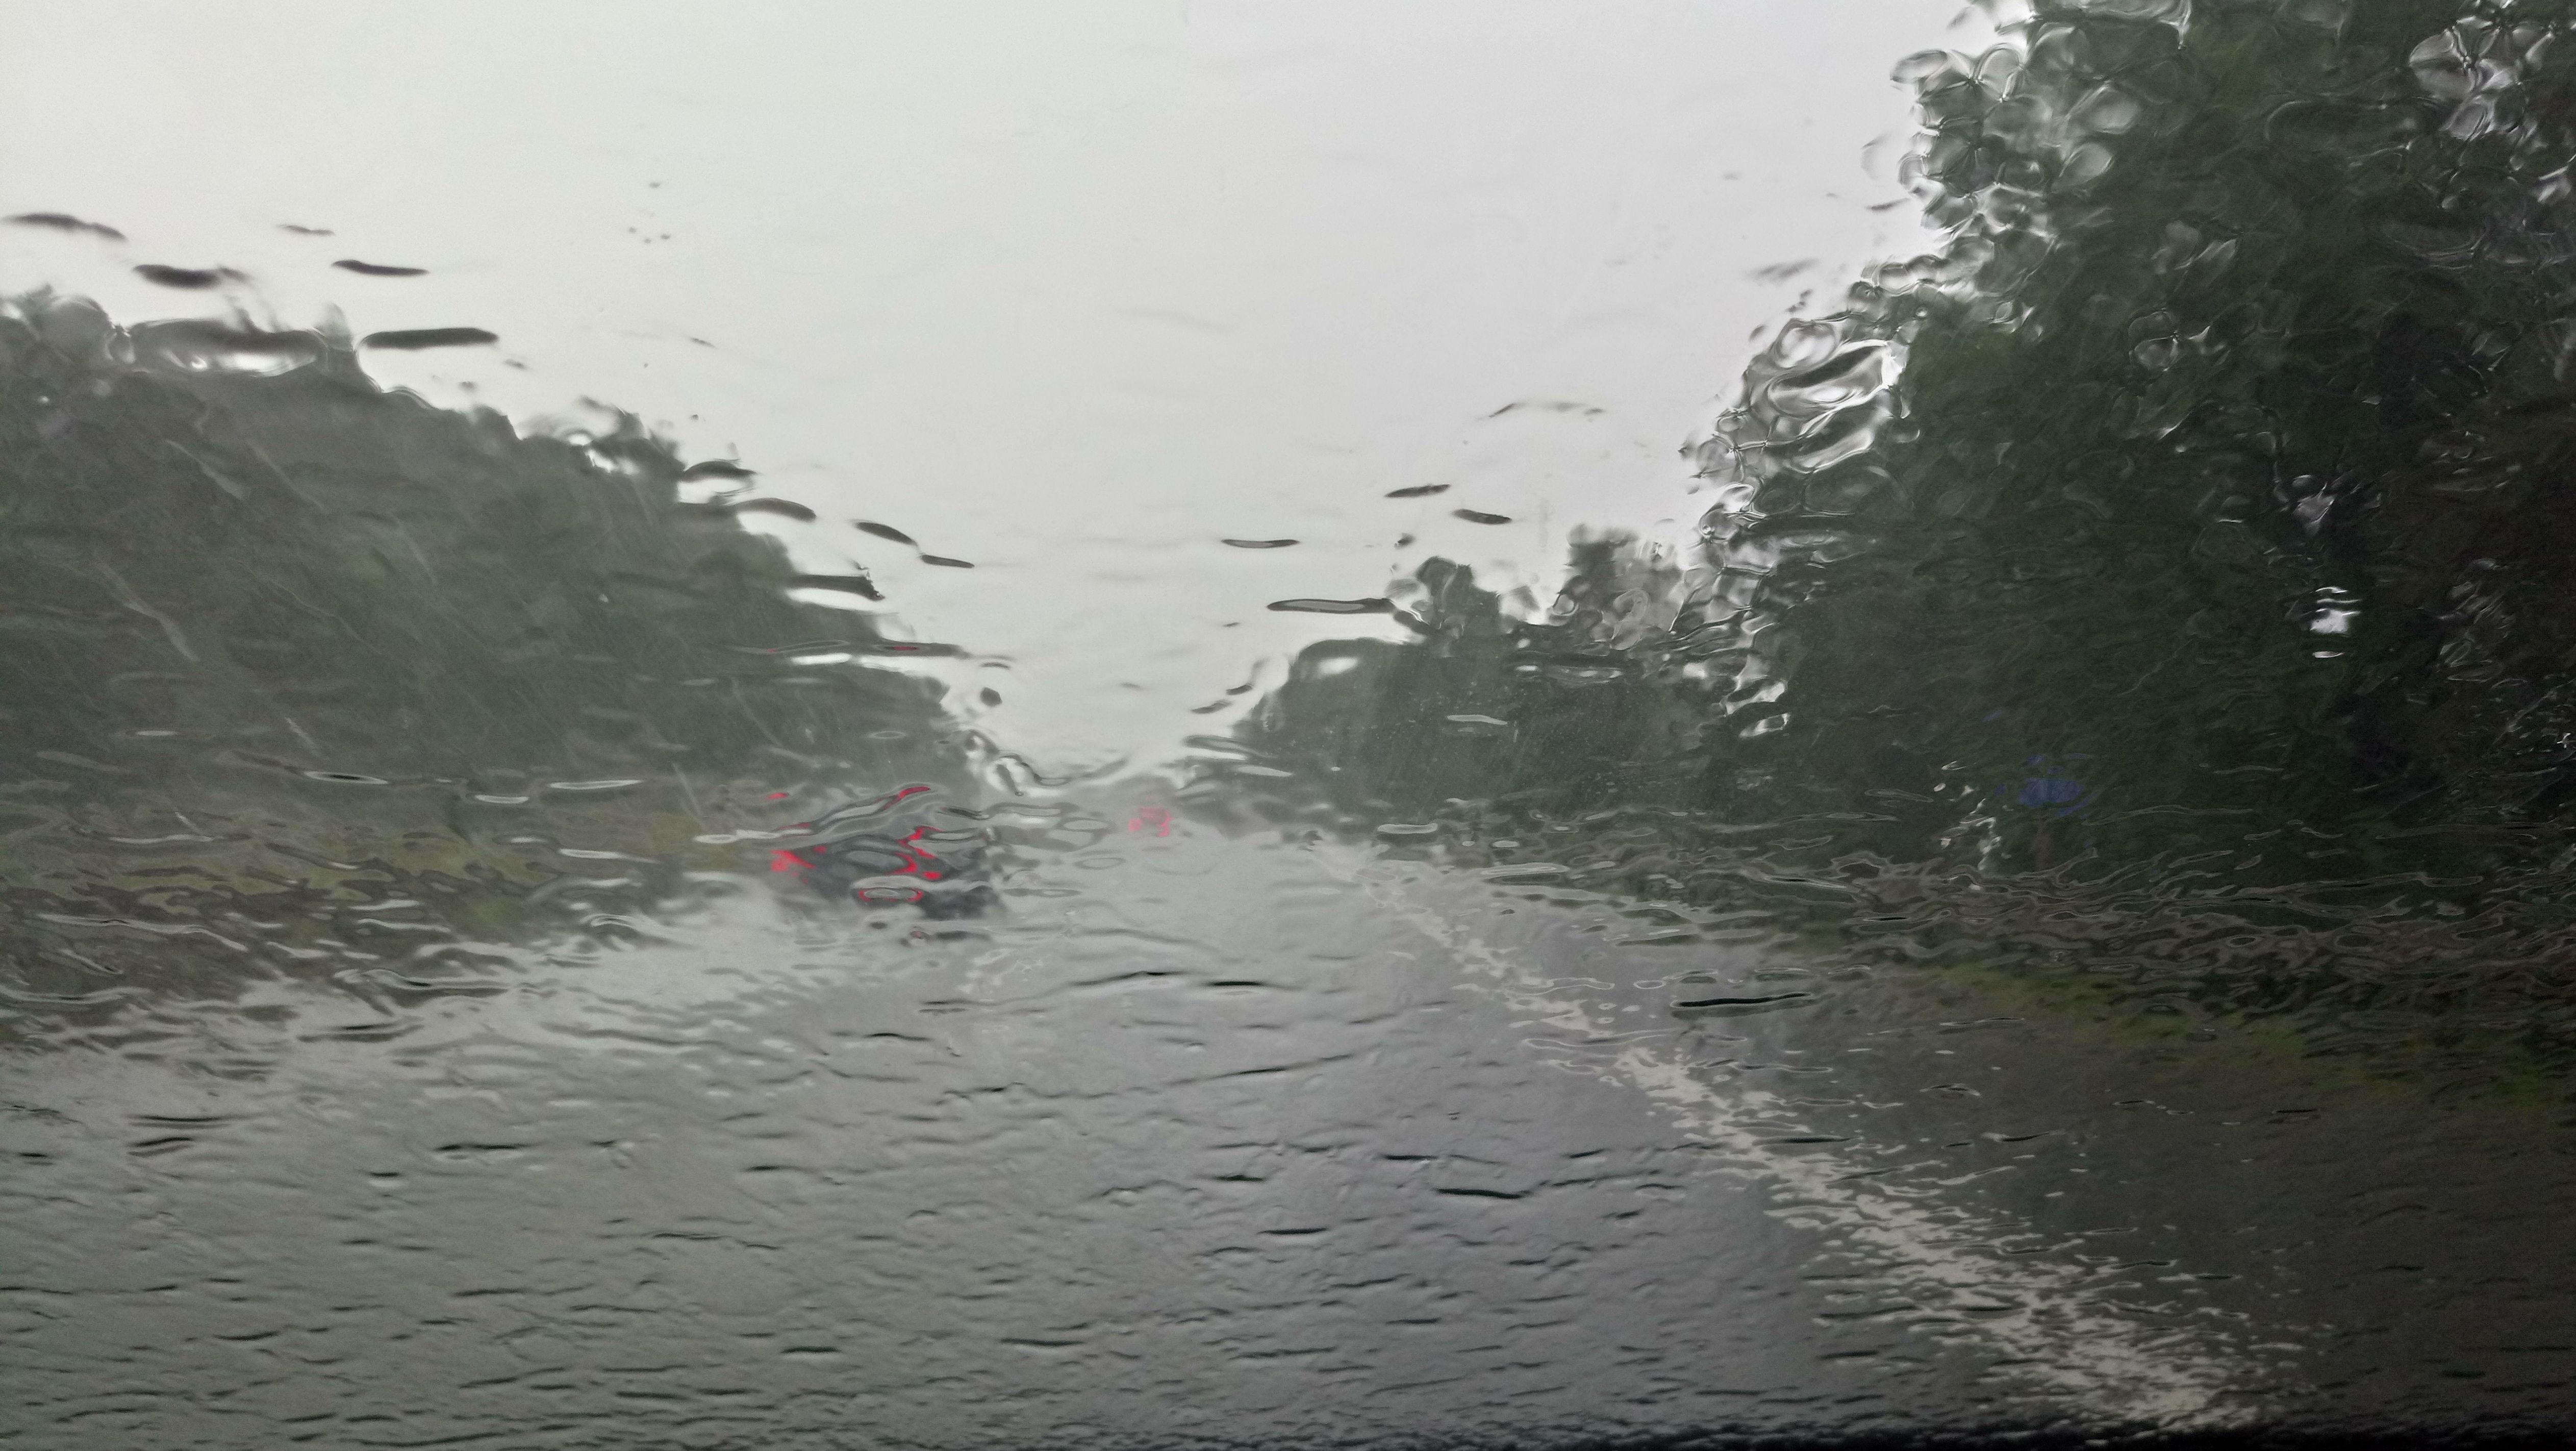 Starker Regen am Samstag auf der Autobahn